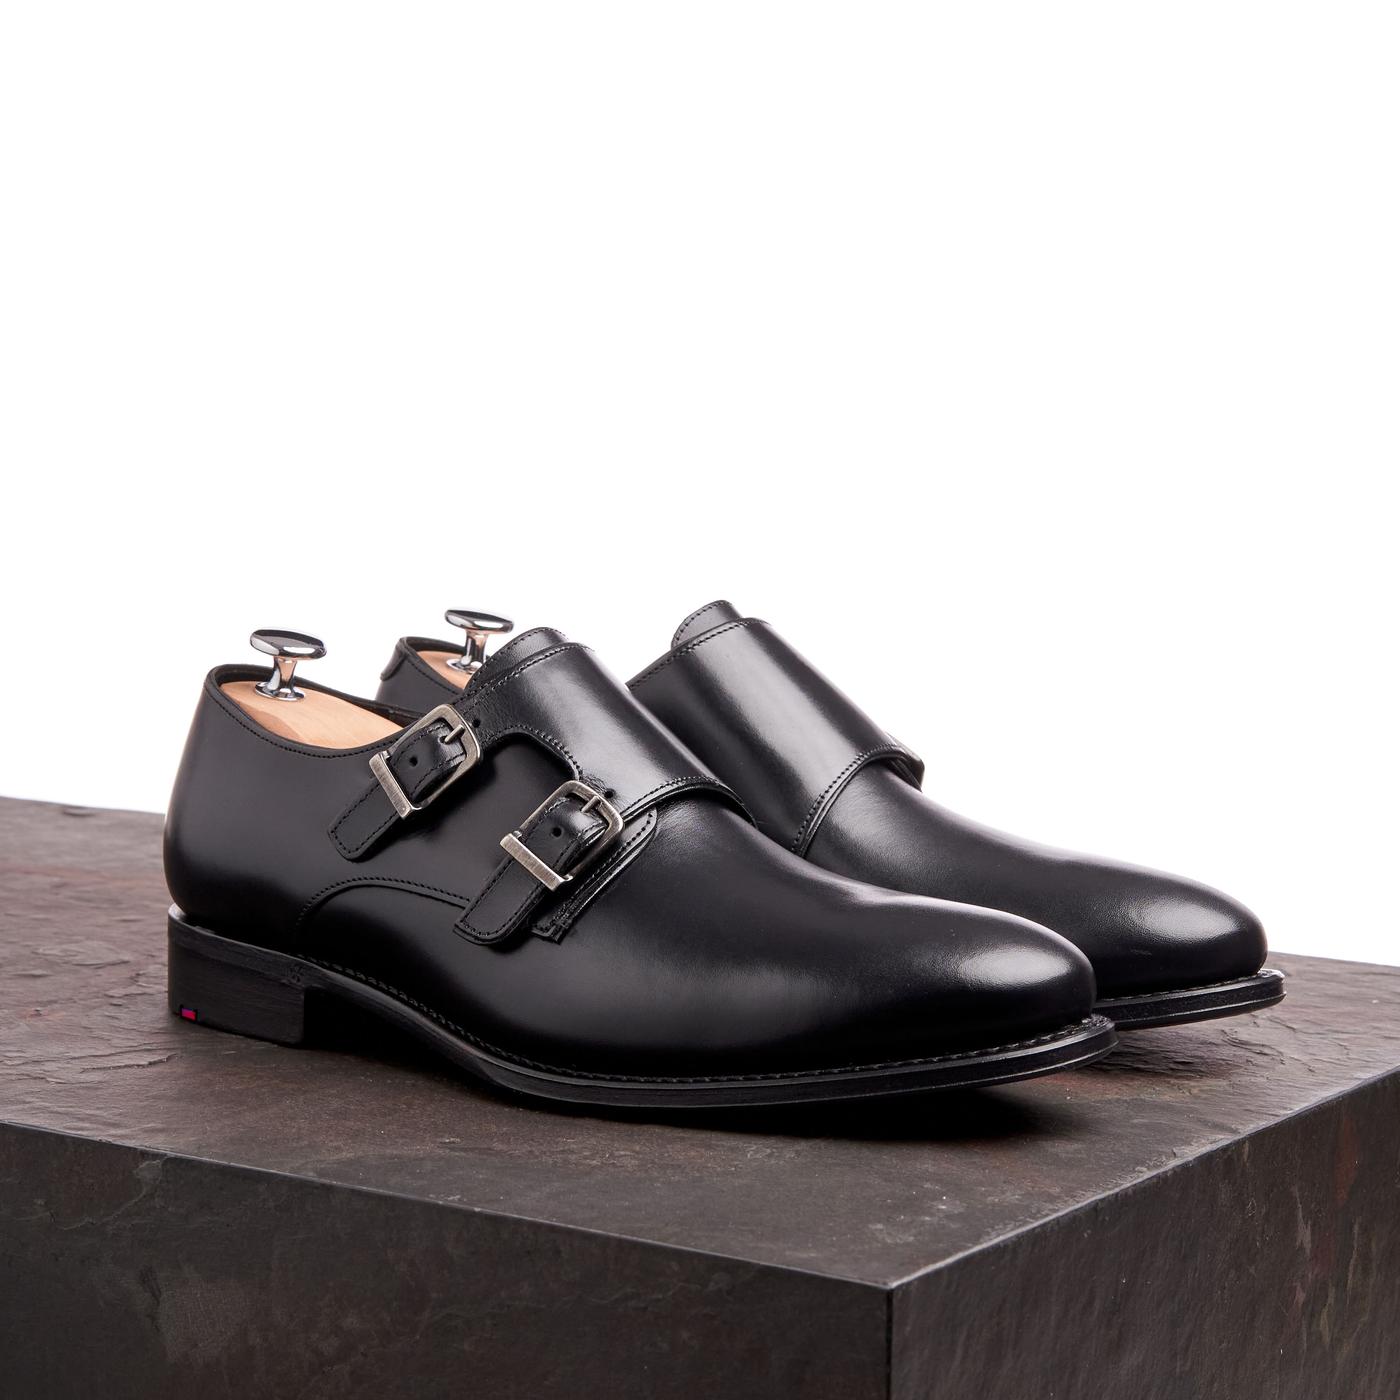 WILKO | Schuhe > Slipper | Schwarz | Glattleder -  leder | LLOYD